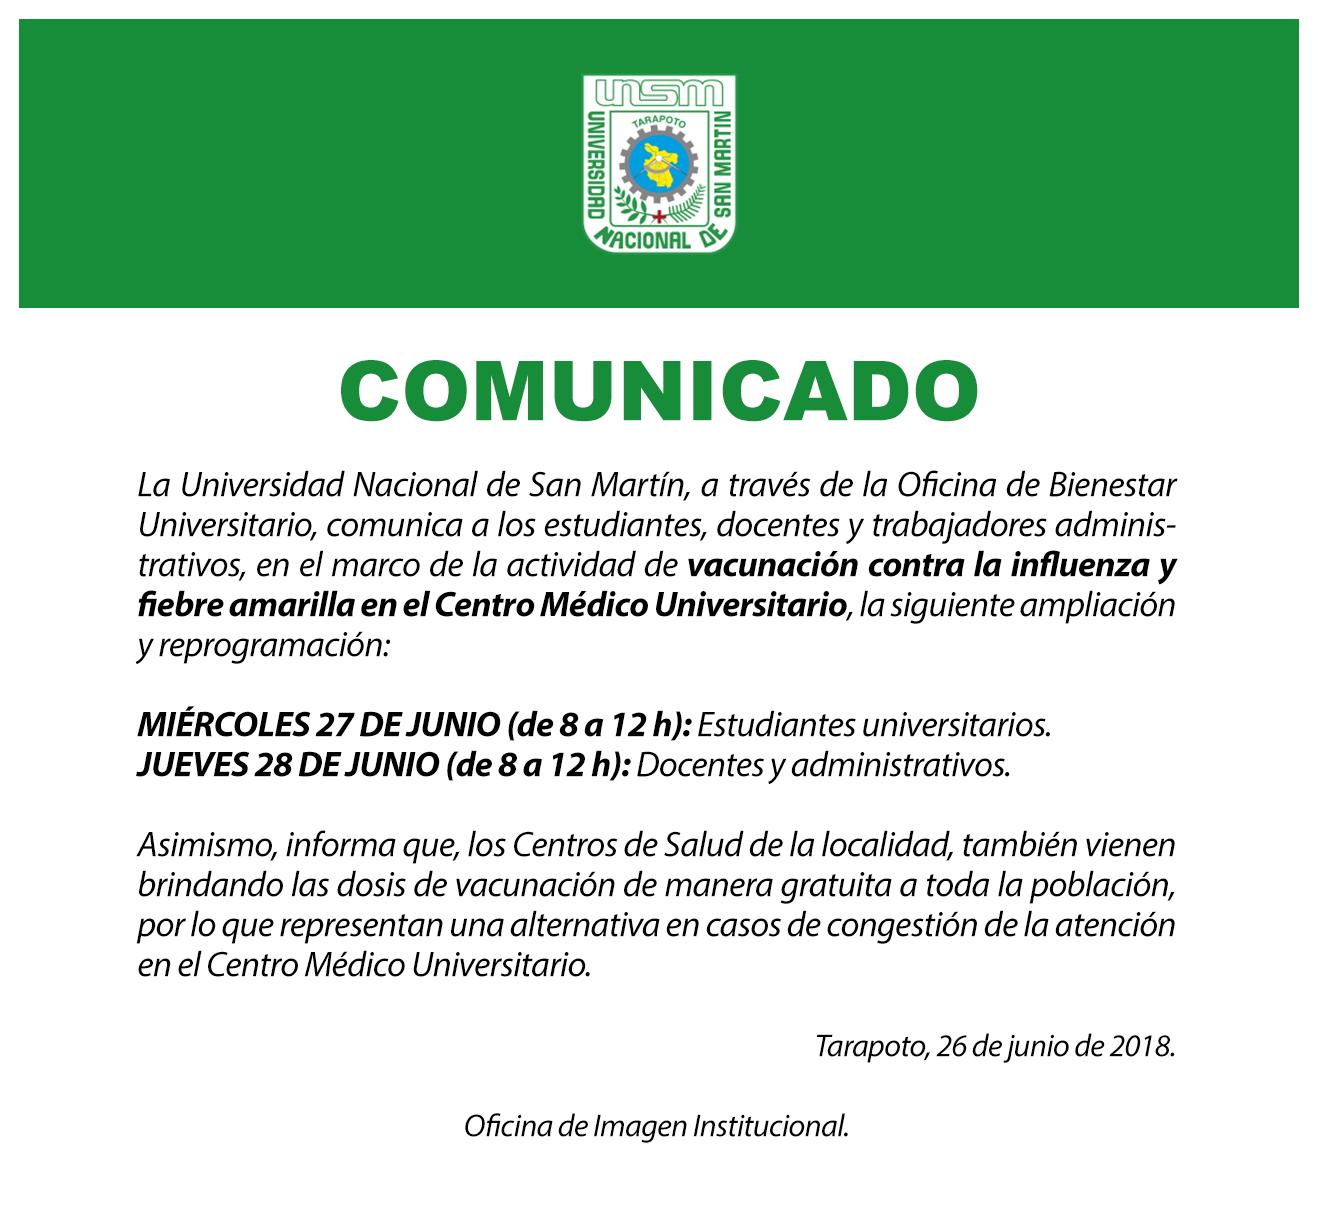 04 - COMUNICADO 260618